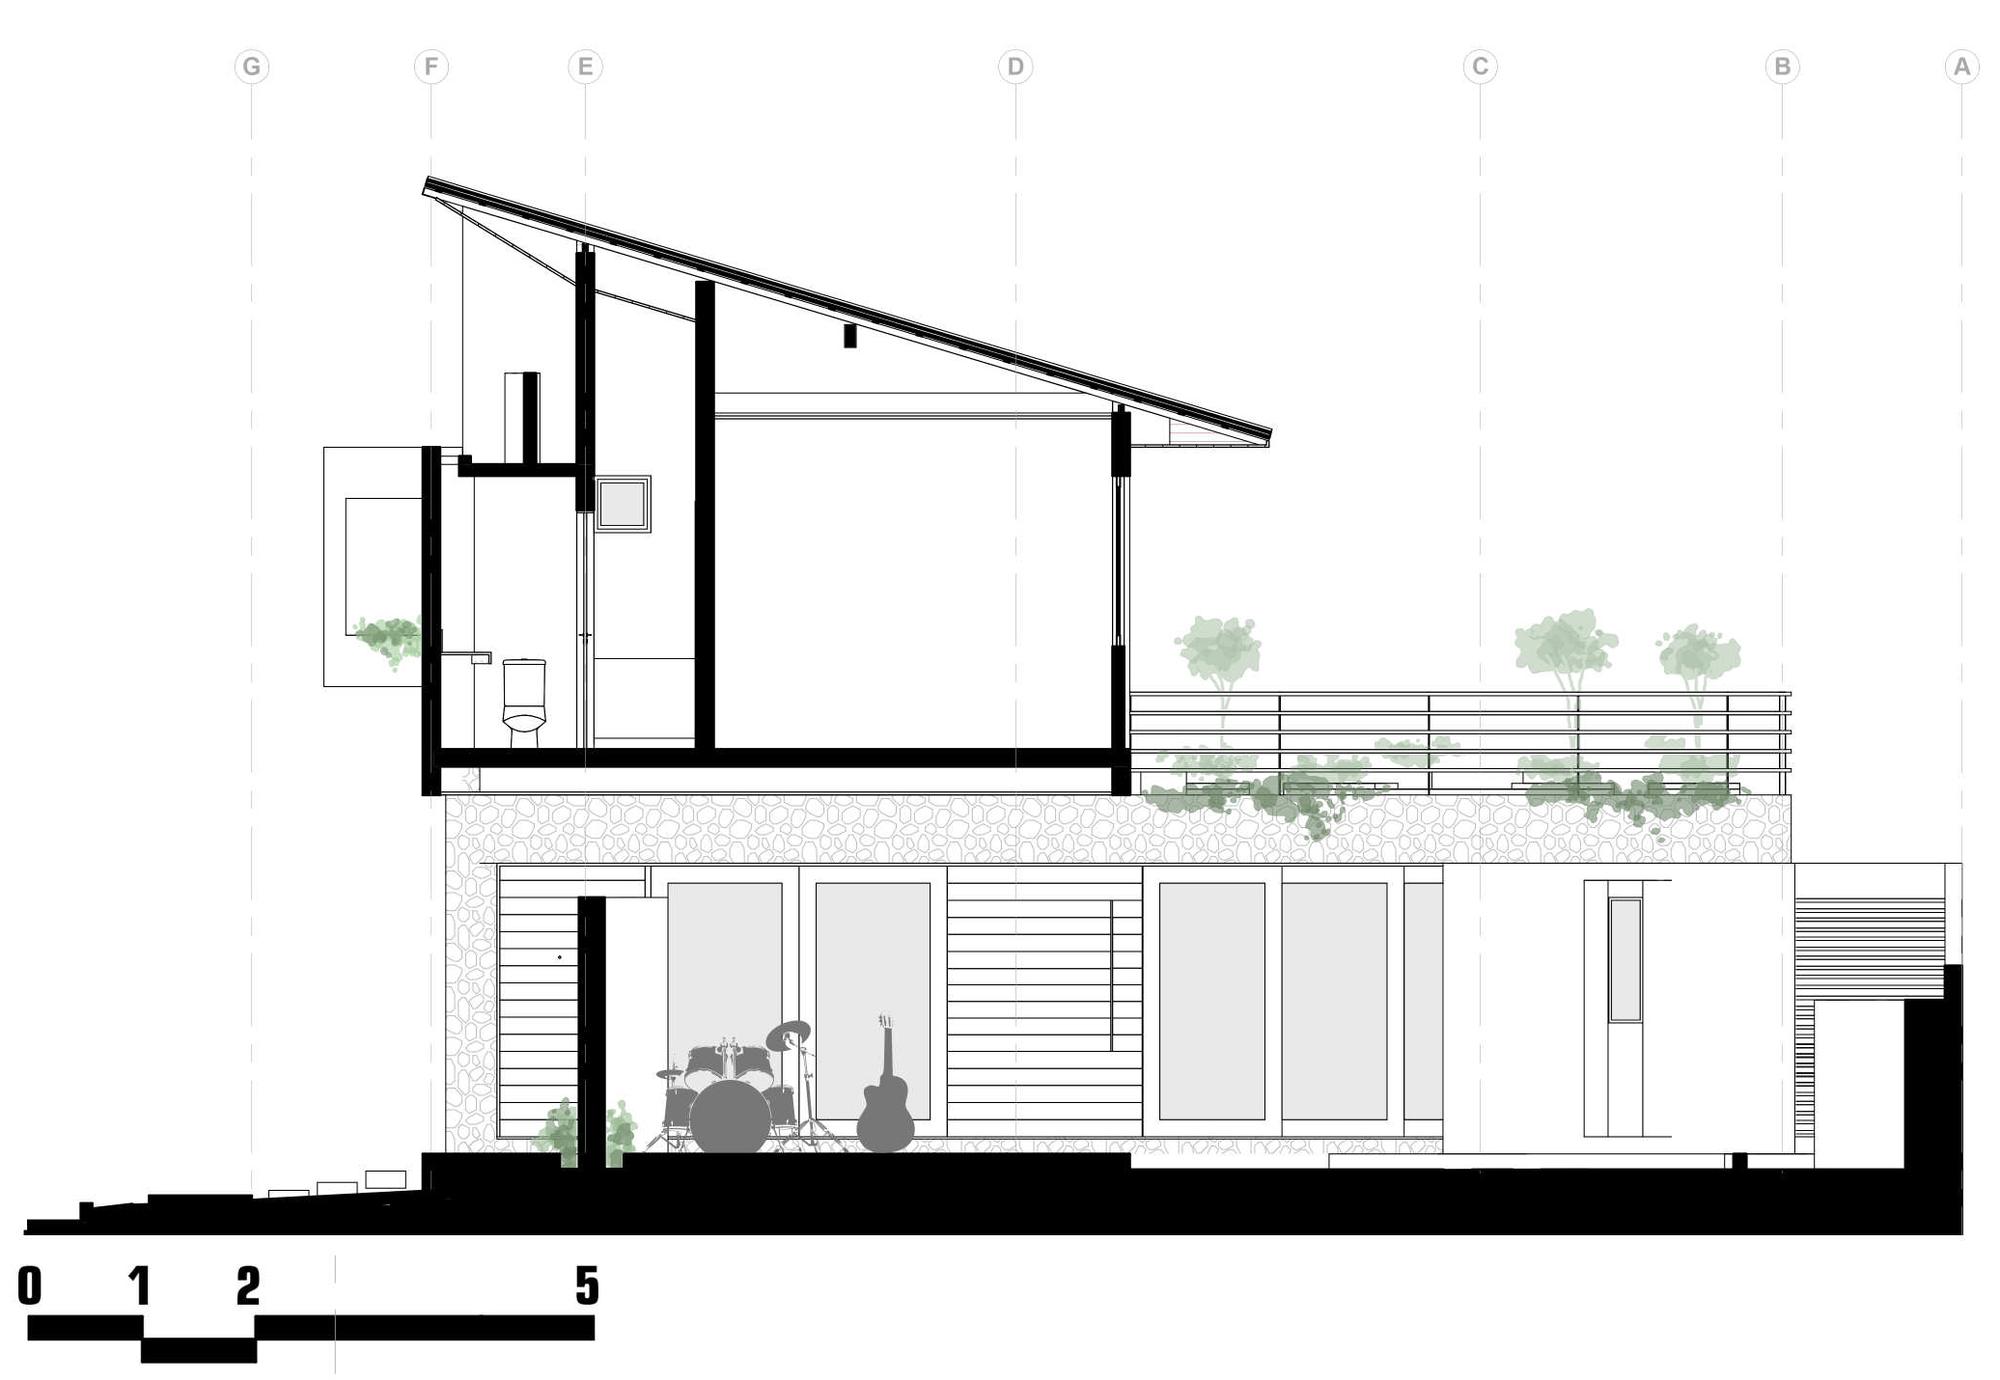 5448473ce58ecebb8100018e_architect-s-house-jirau-arquitetura_casa-001-pe-executivo_corte_aa-r02